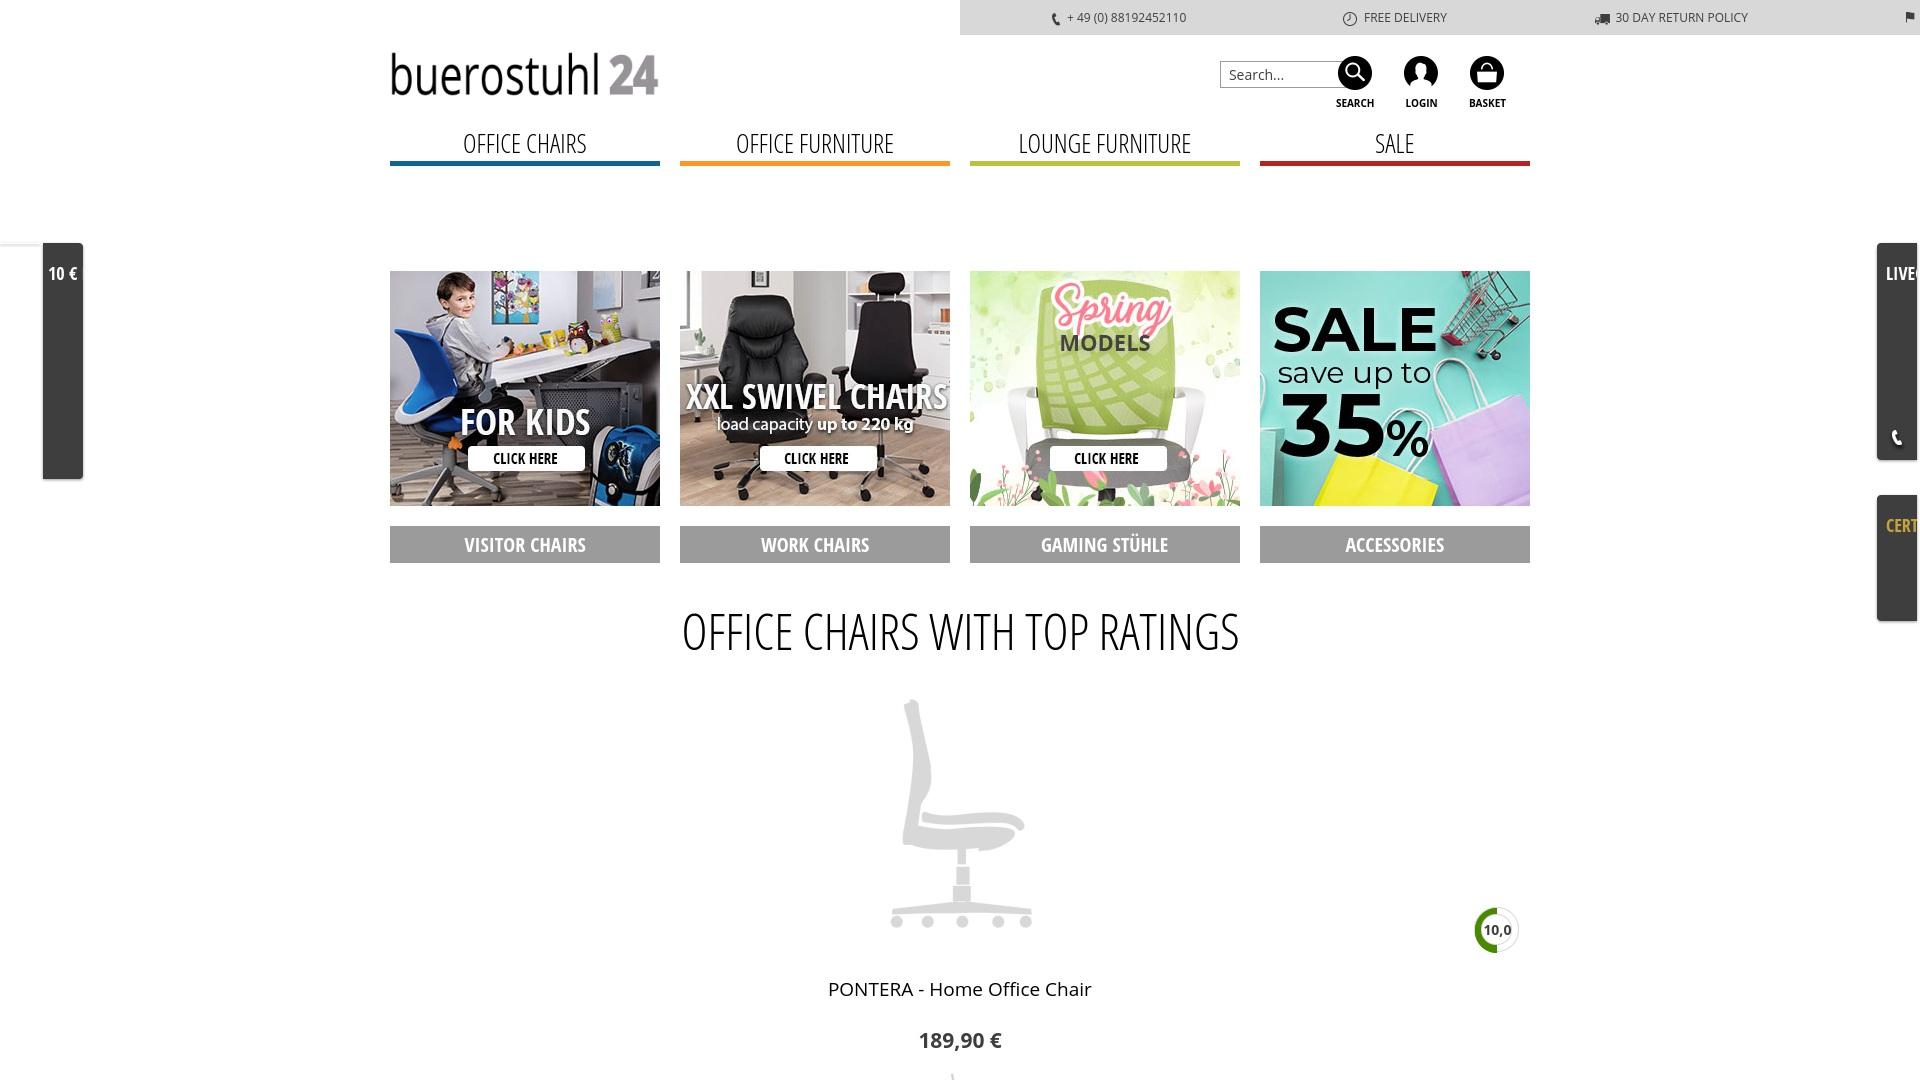 Gutschein für Buerostuhl24: Rabatte für  Buerostuhl24 sichern